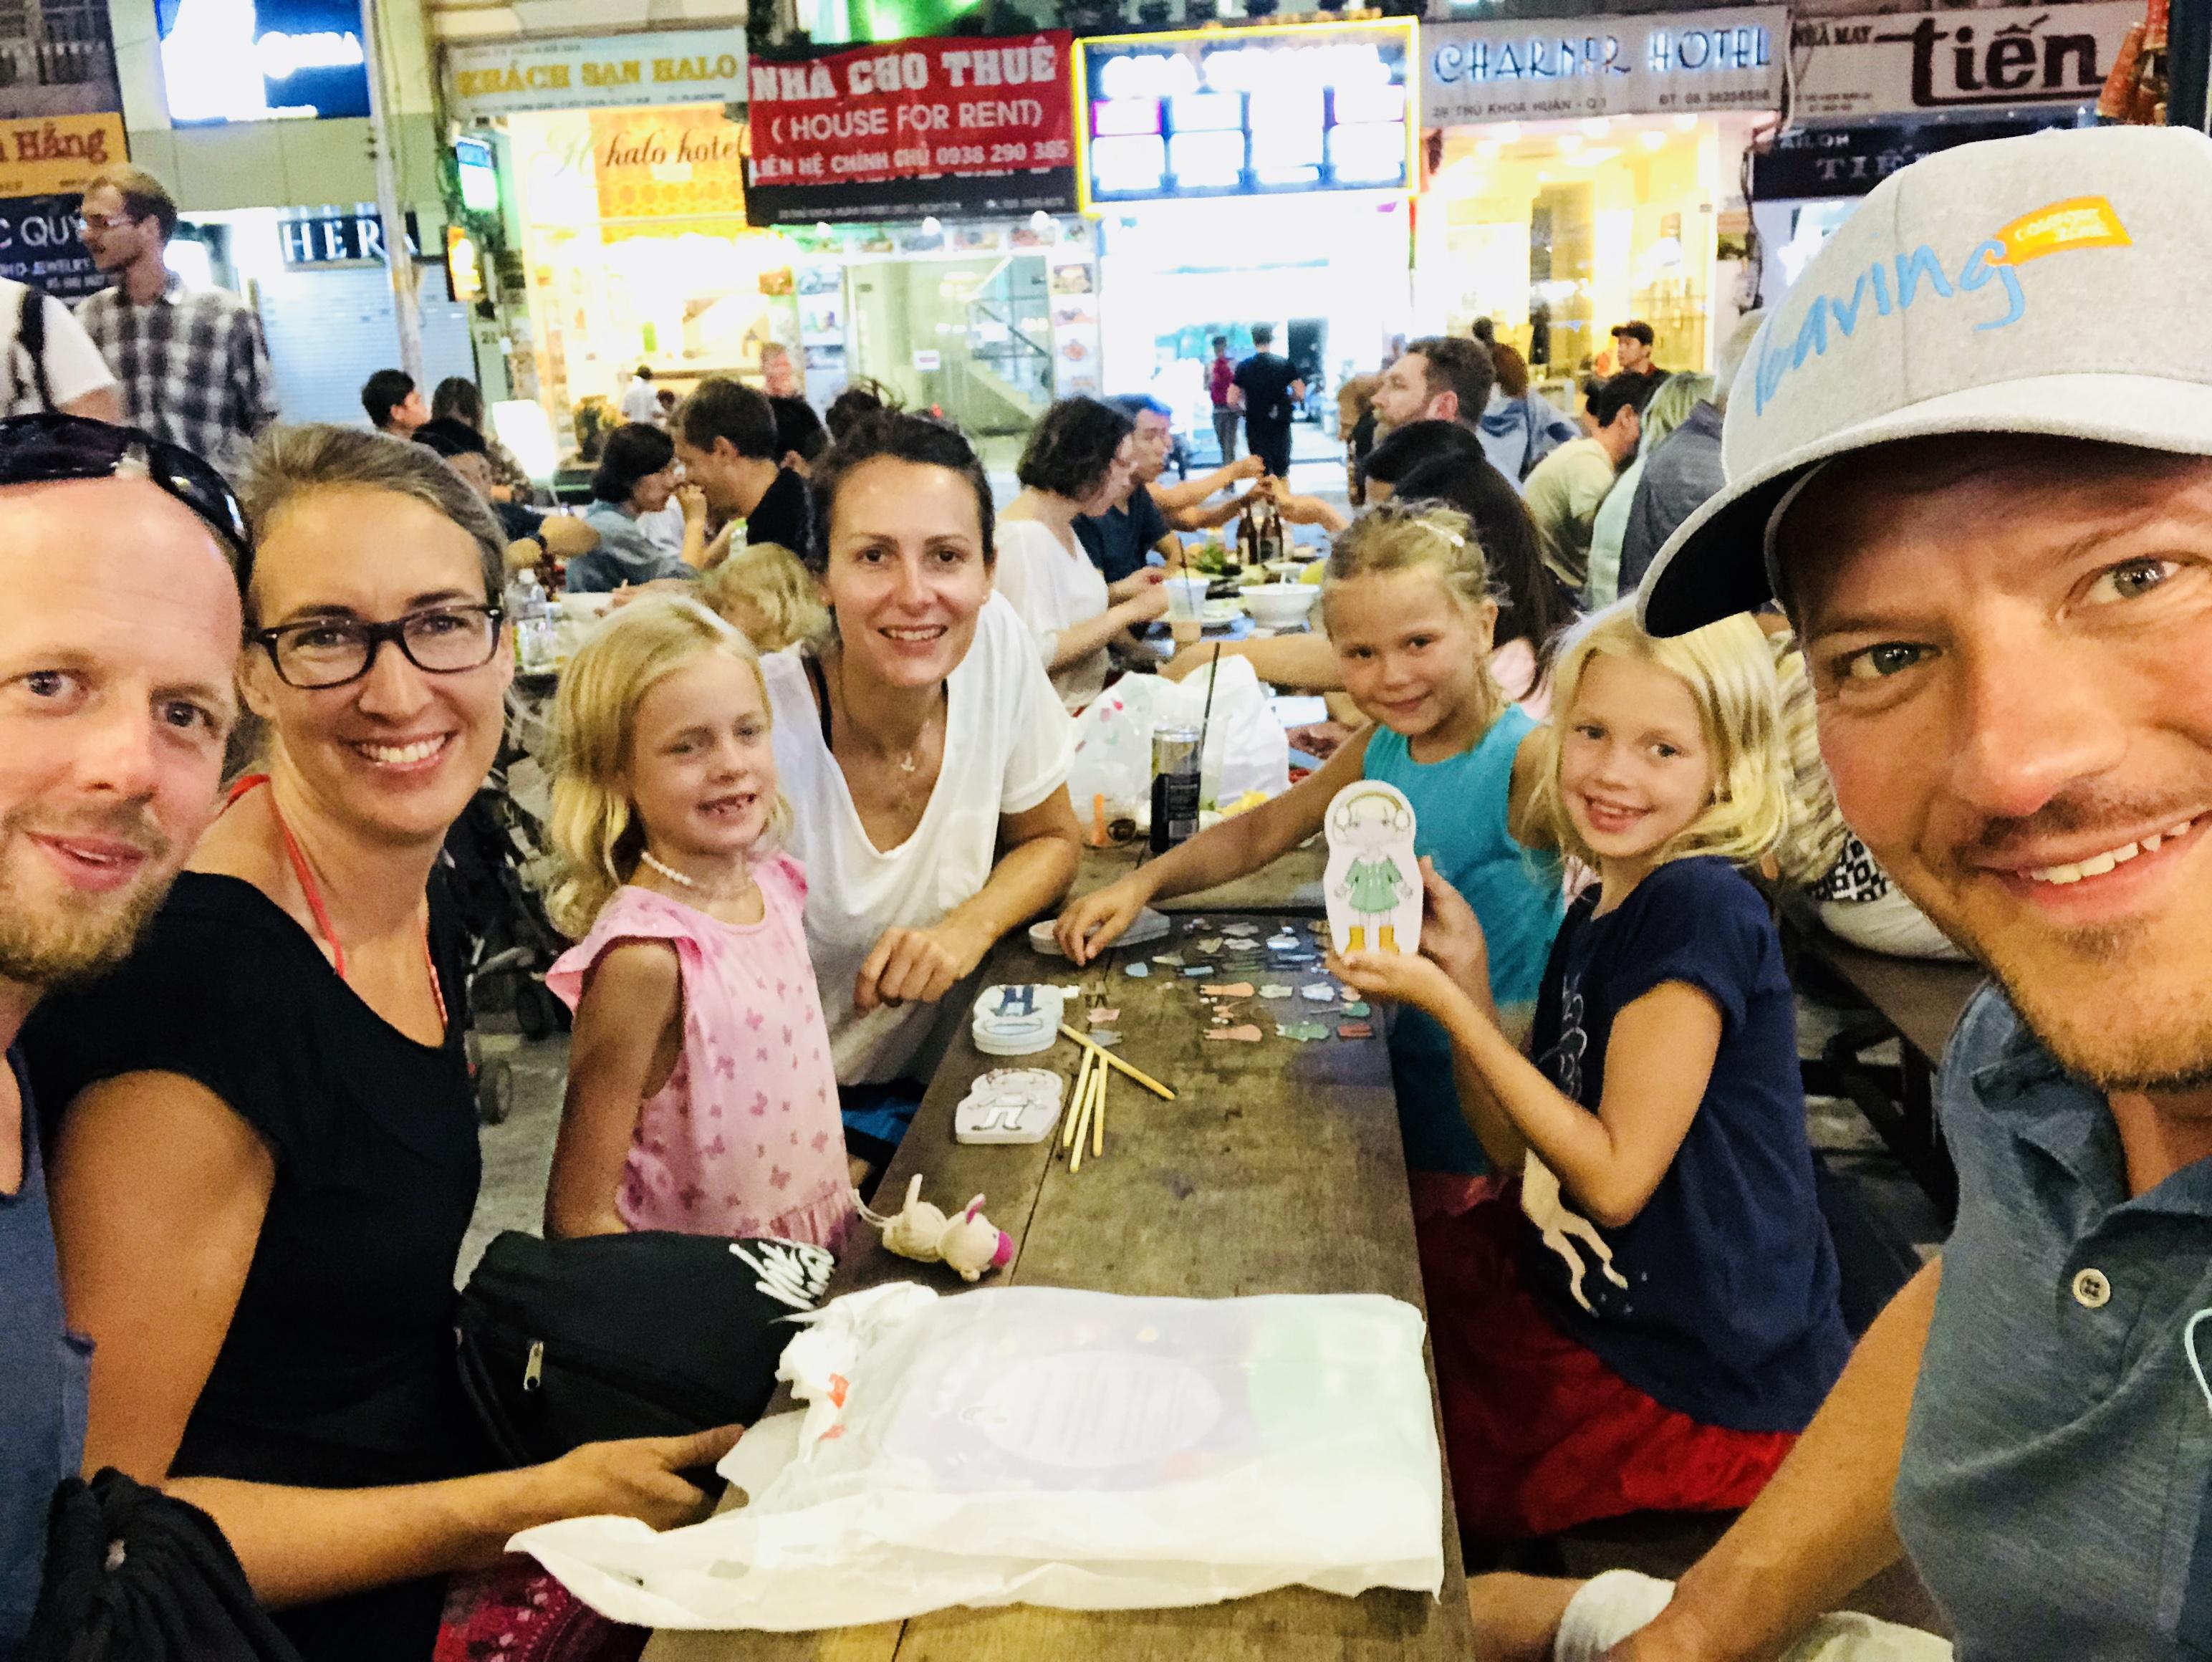 Familie im Ben Thanh Streetfoodmarket, Ho Chi Minh, Vietnam